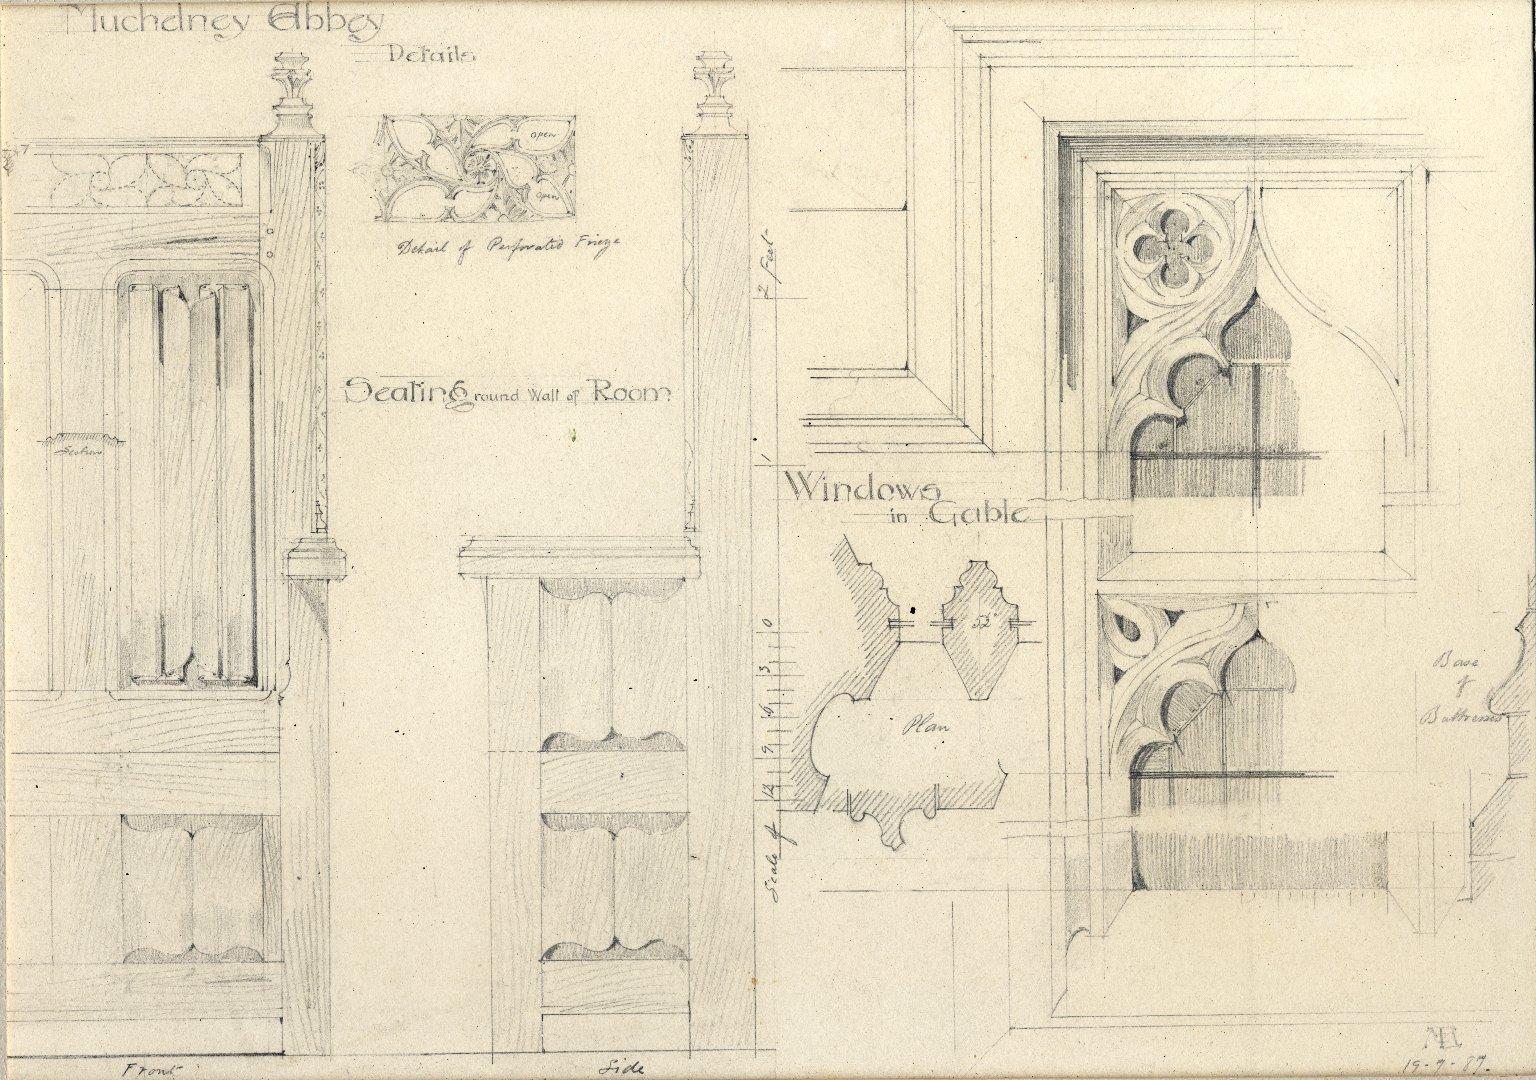 Muchelney Abbey, details